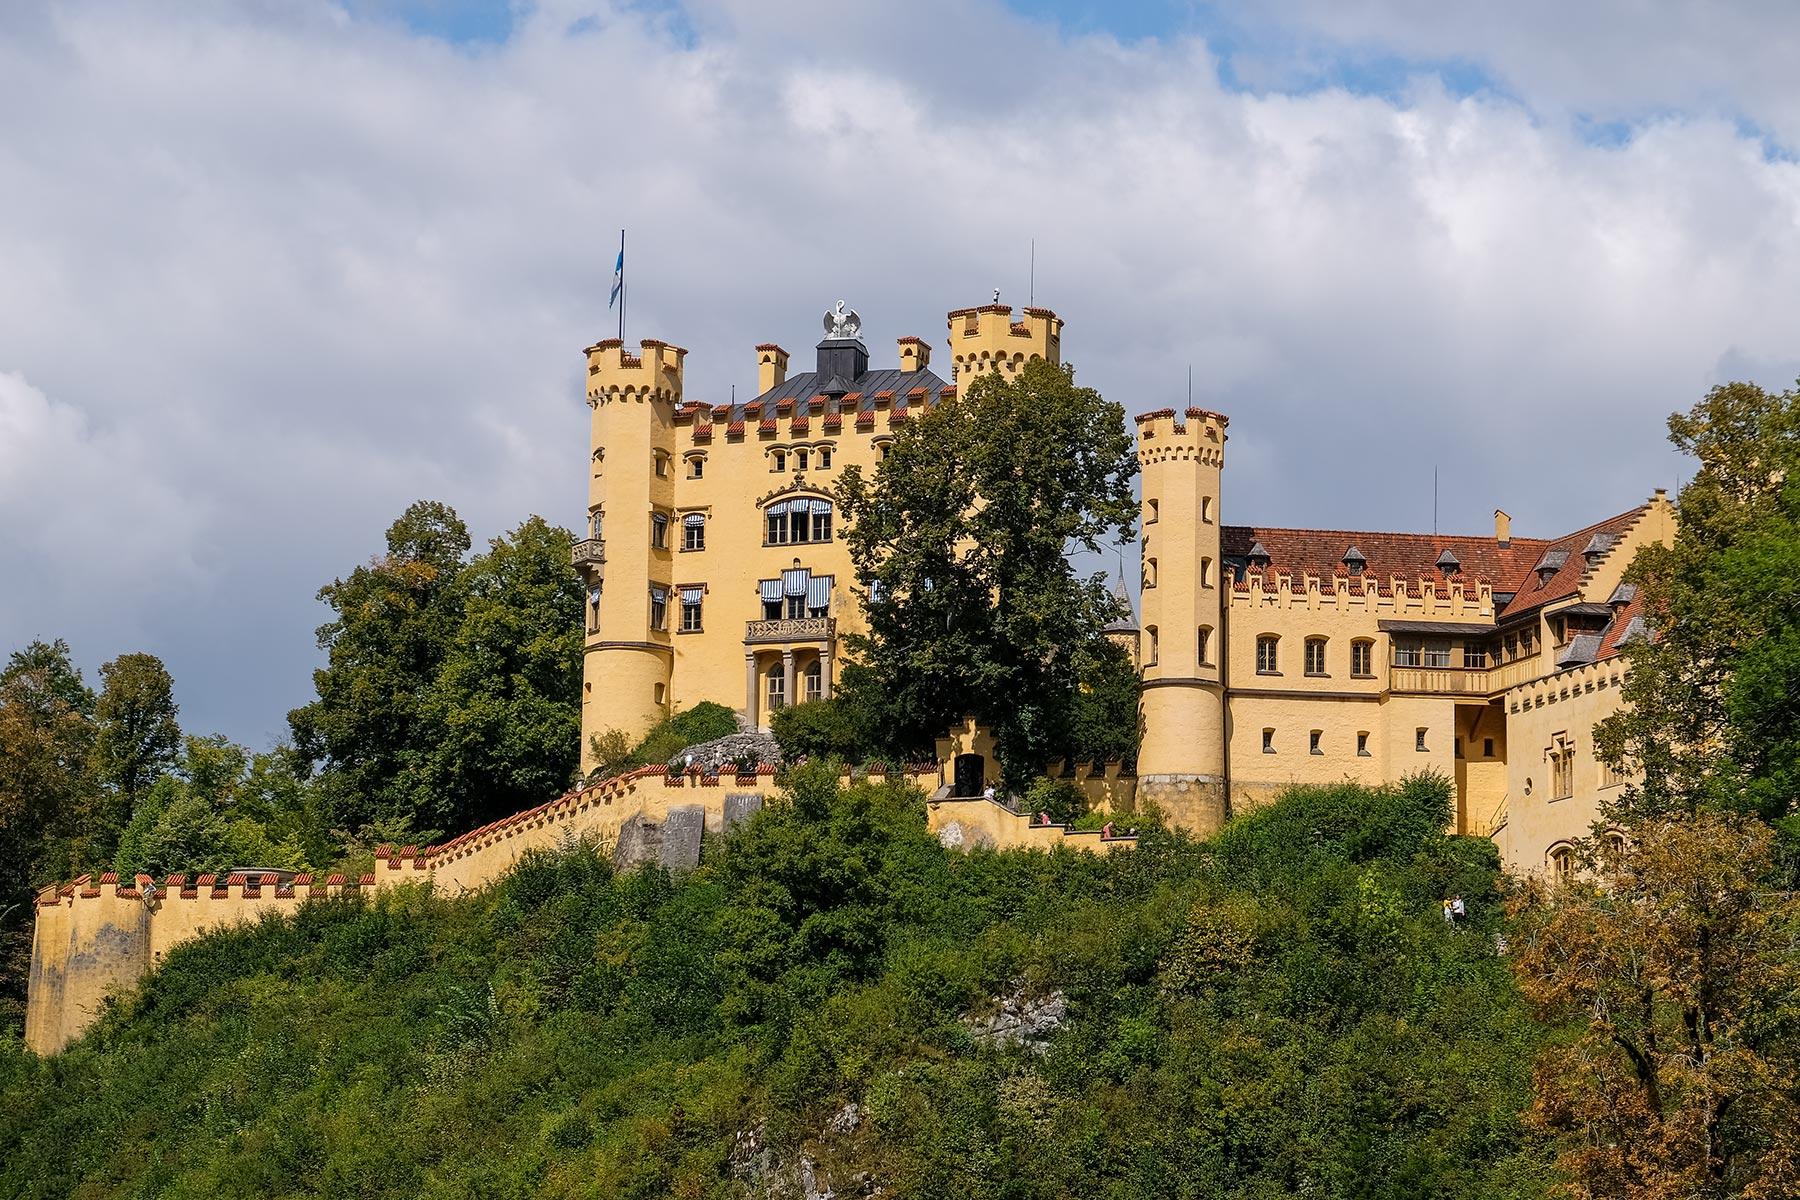 Schloss Hohenschwangau aus dem 12. Jahrhundert